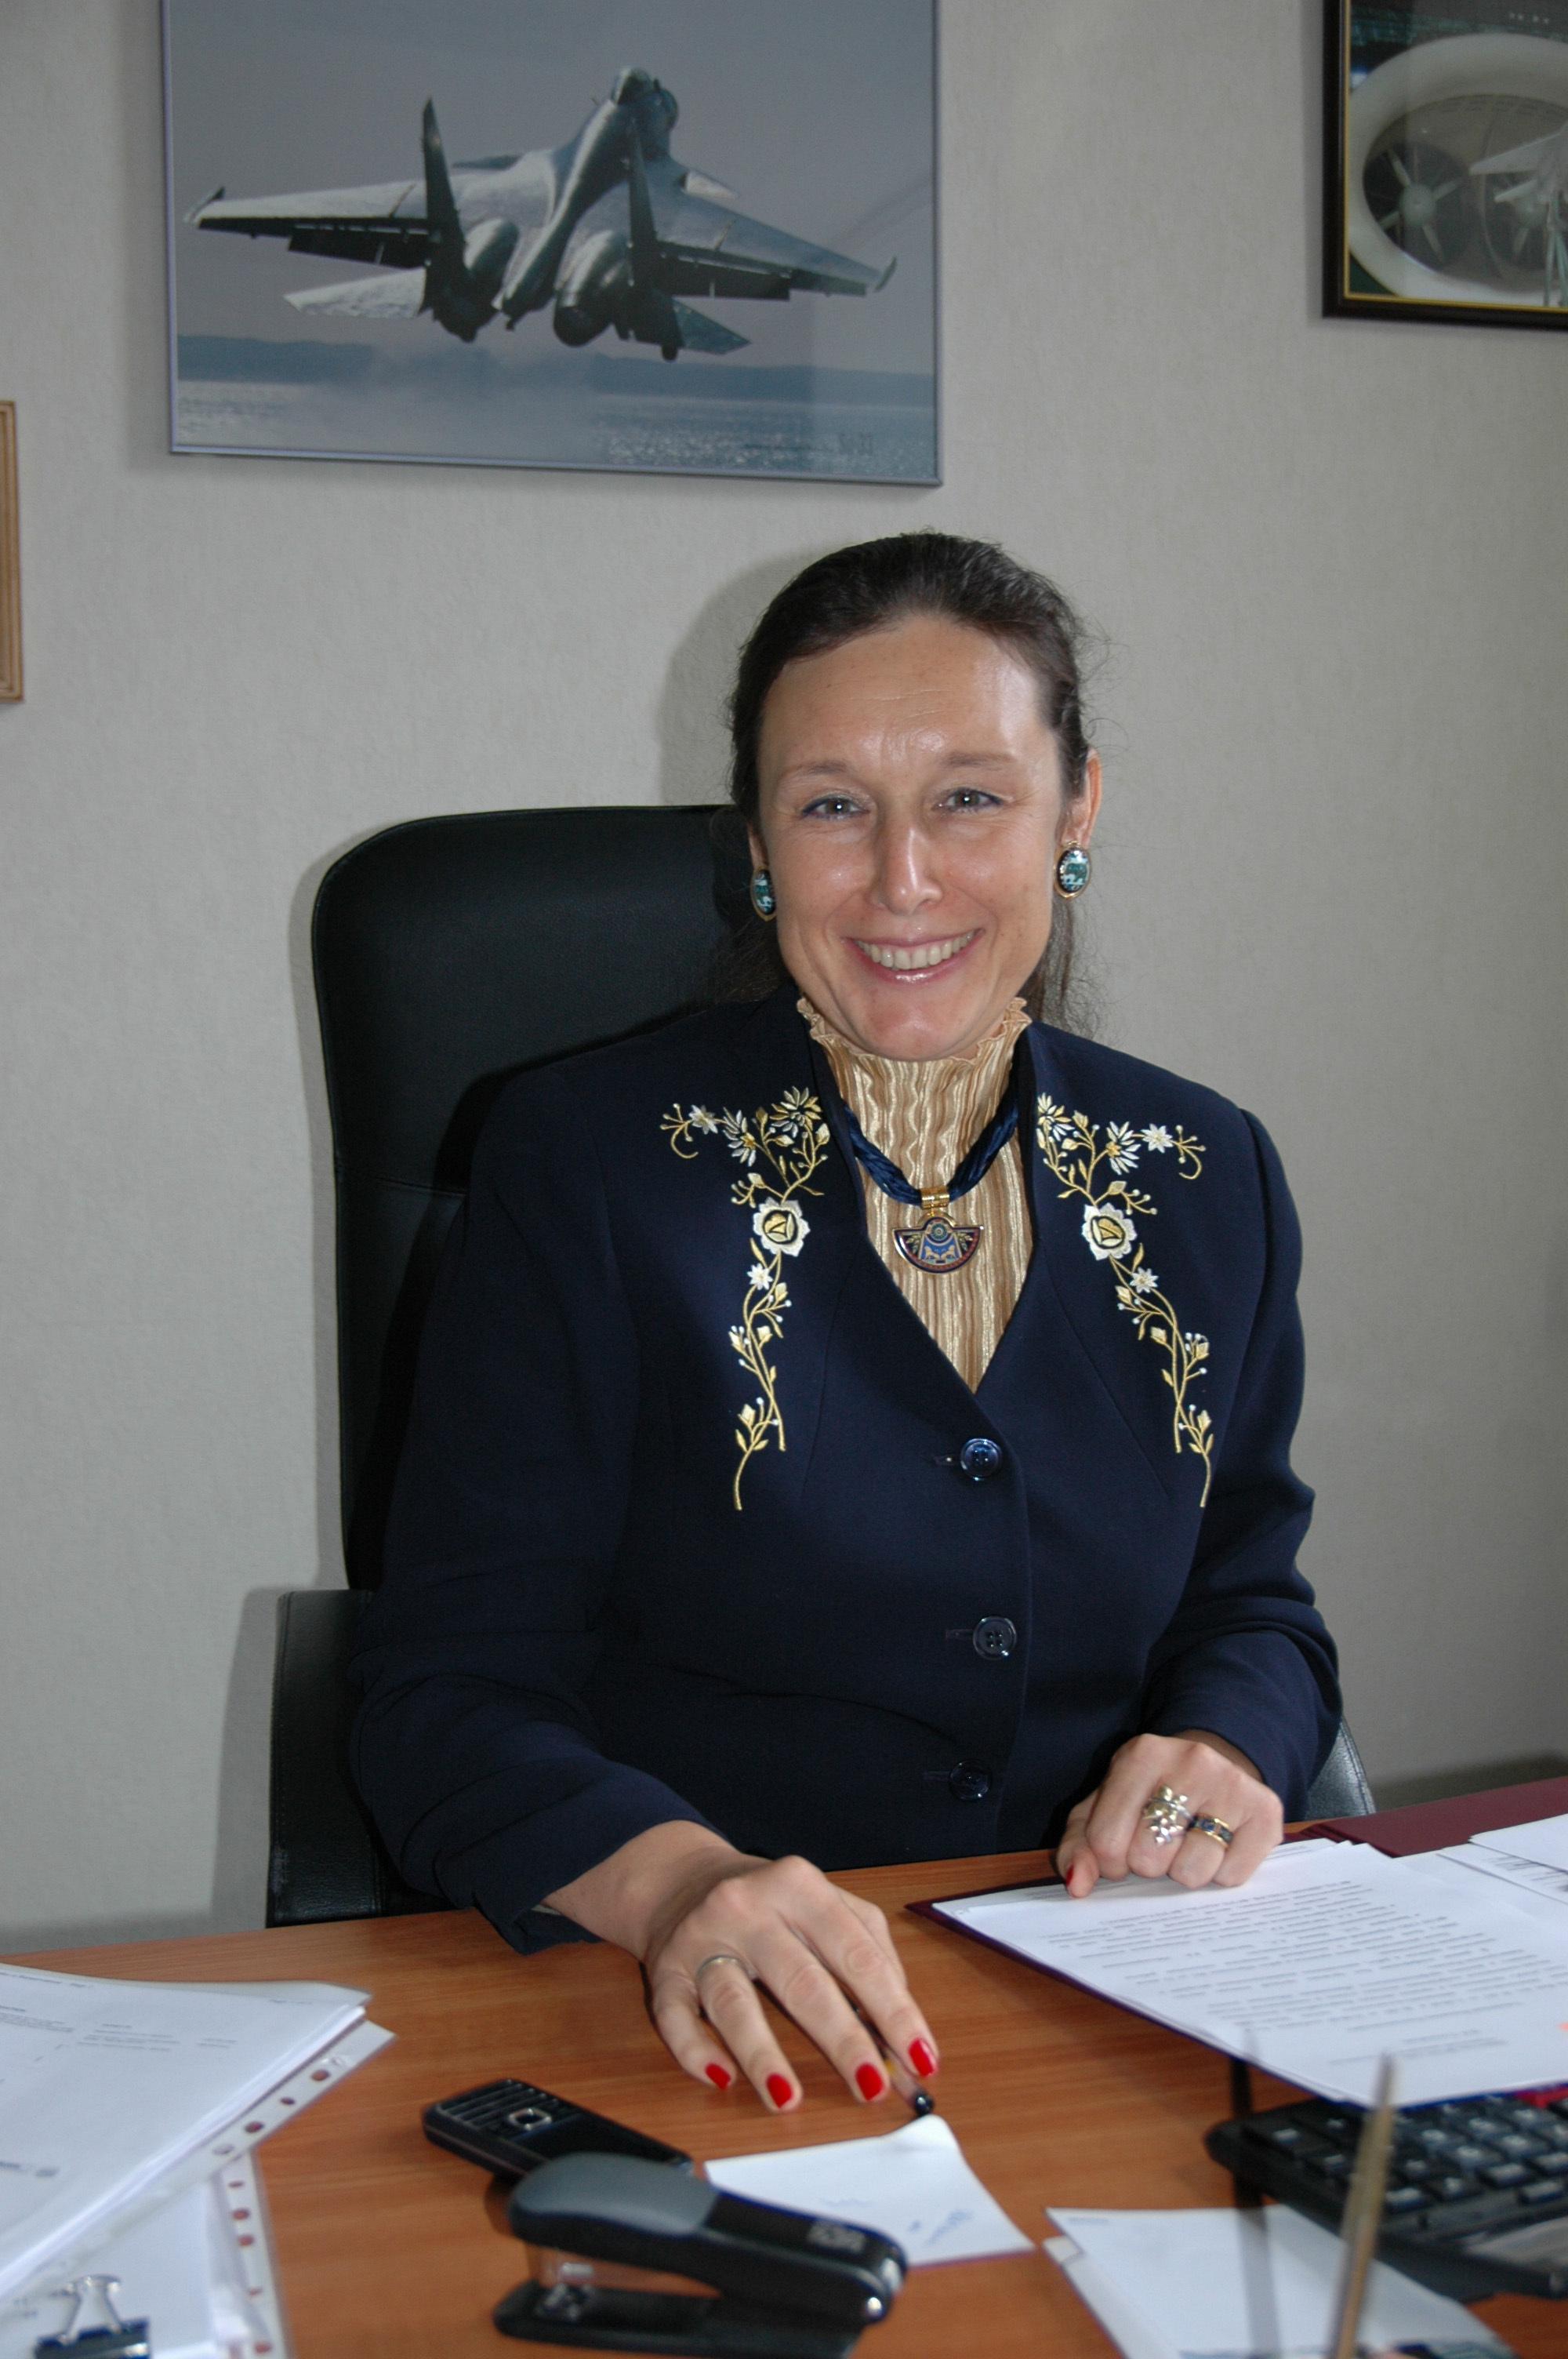 Директор департамента управления персоналом Объединенной авиастроительной корпорации (ОАК) Алла Вучкович